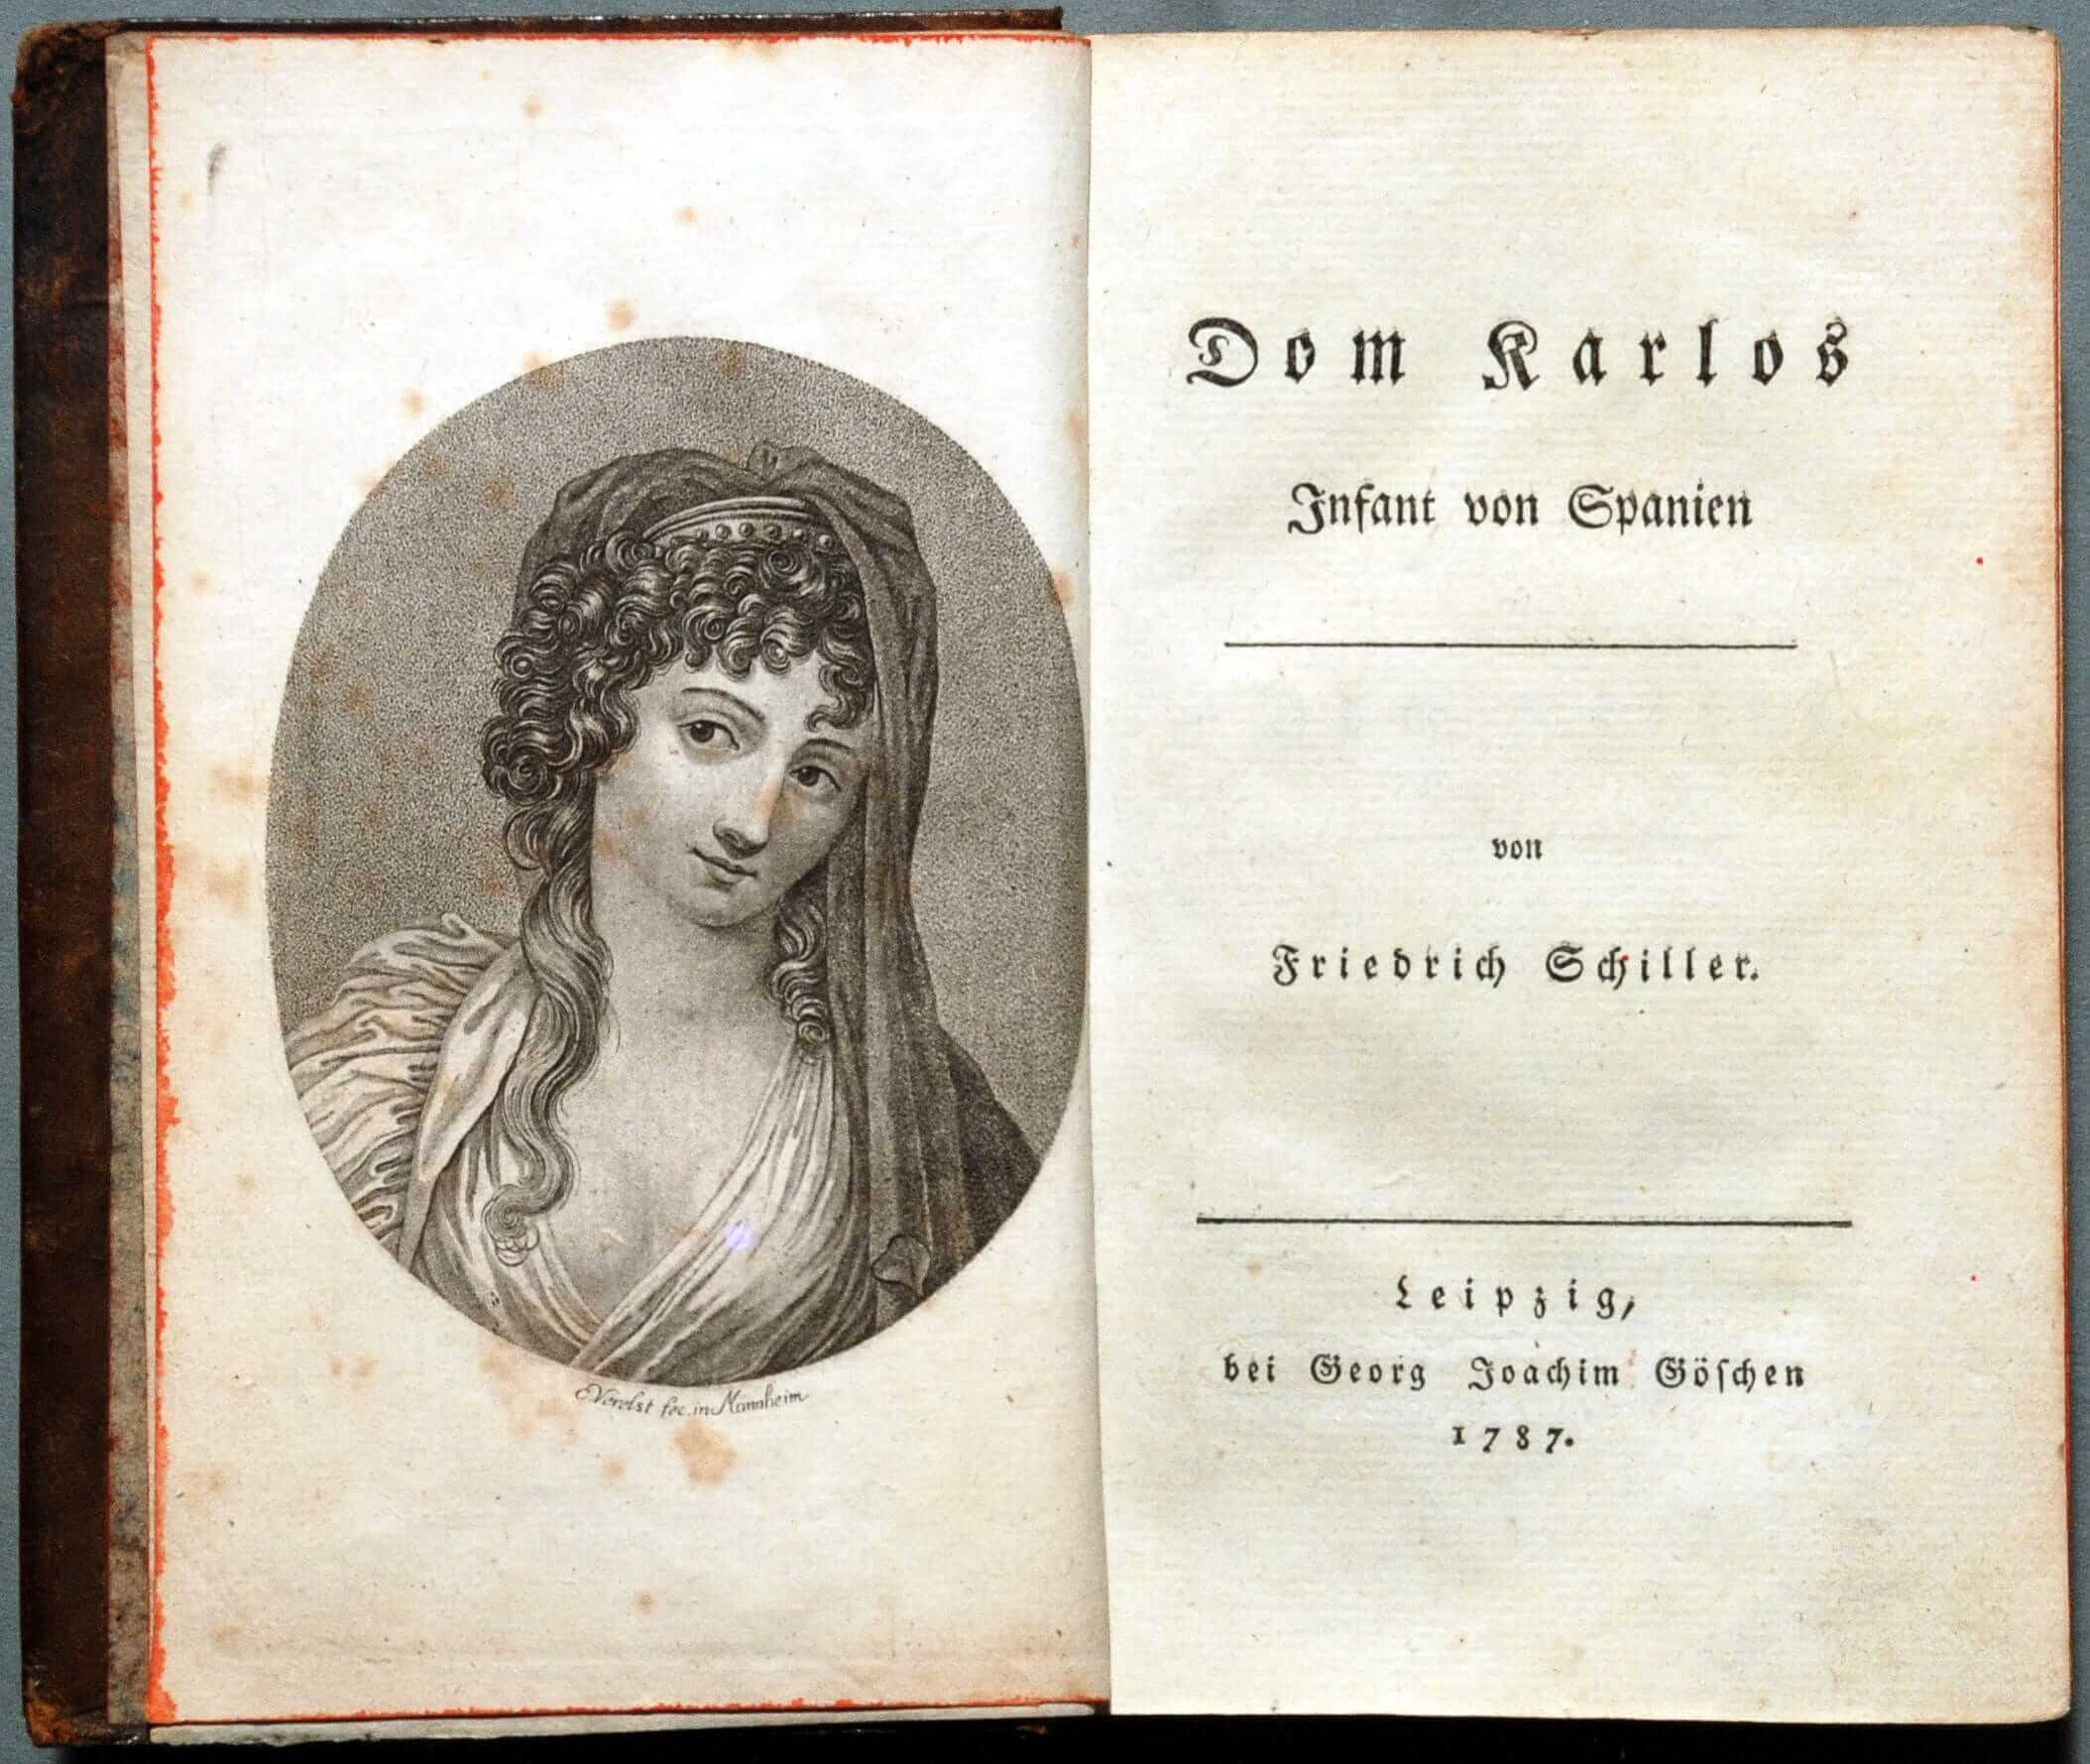 Титульный лист и фронтиспис первого издания исторической драмы Шиллера «Дон Карлос», 1787. Источник: wikipedia.org